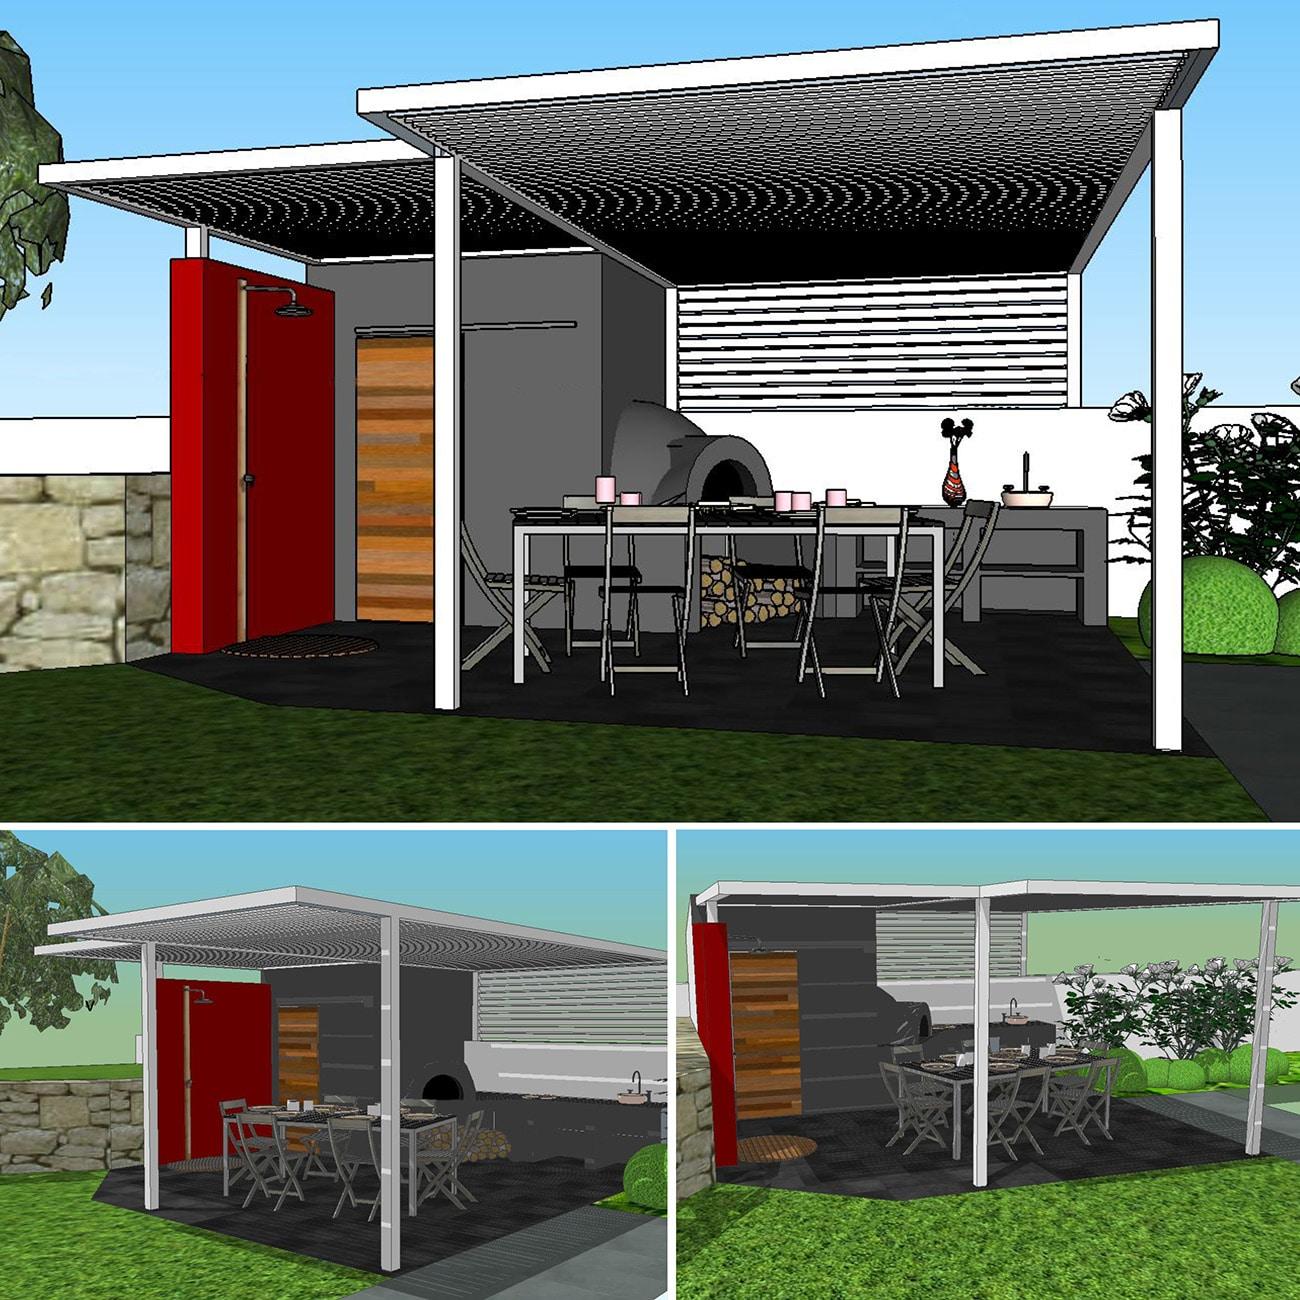 Atelier Naudier - Architecte paysagiste concepteur - Montpellier & Aix en Provence - Projet Cassis - 3D Pool house et jardin 1